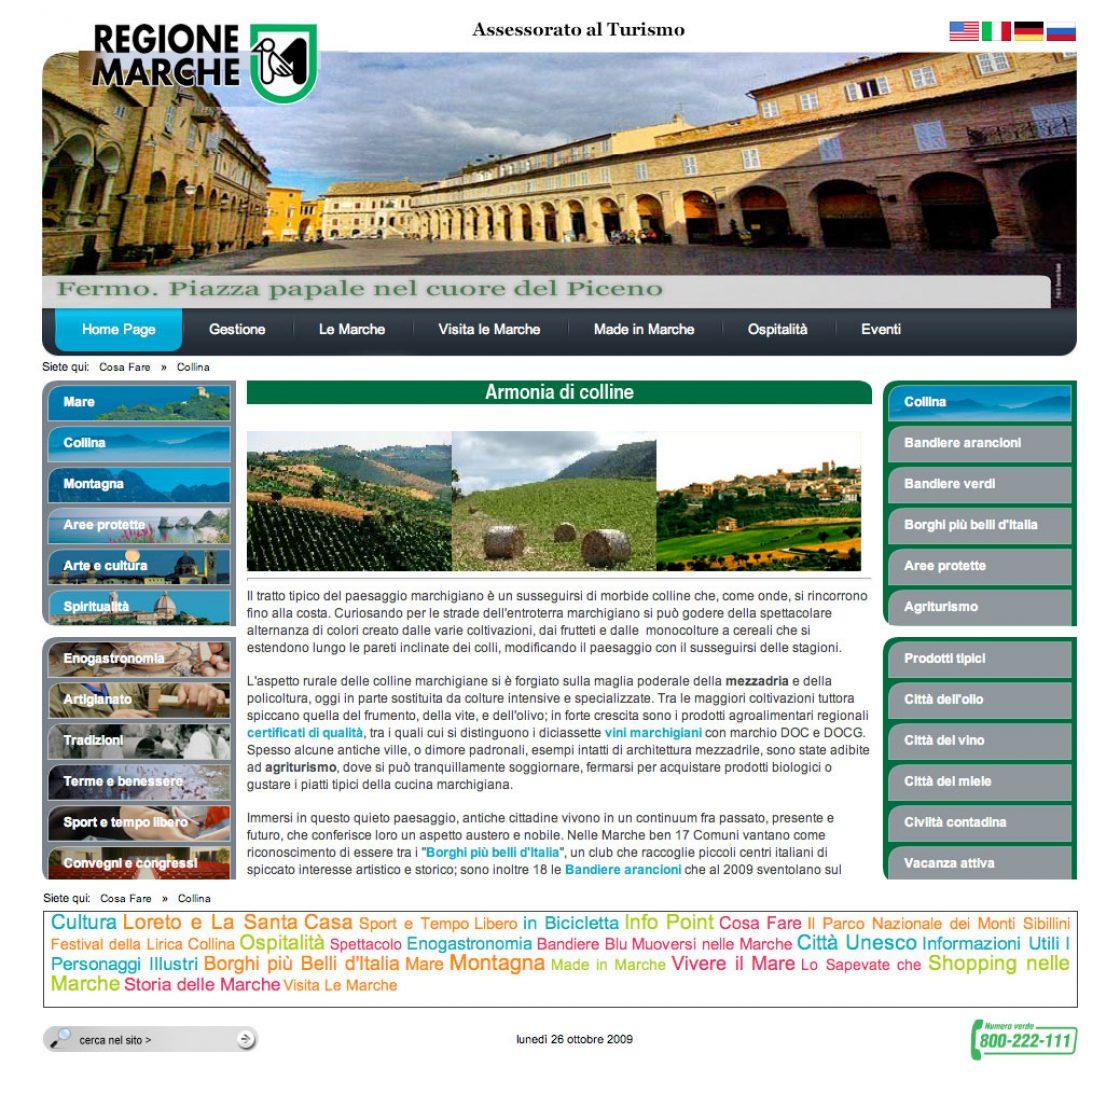 Visit-Regione-Marche-BestPlace-colline